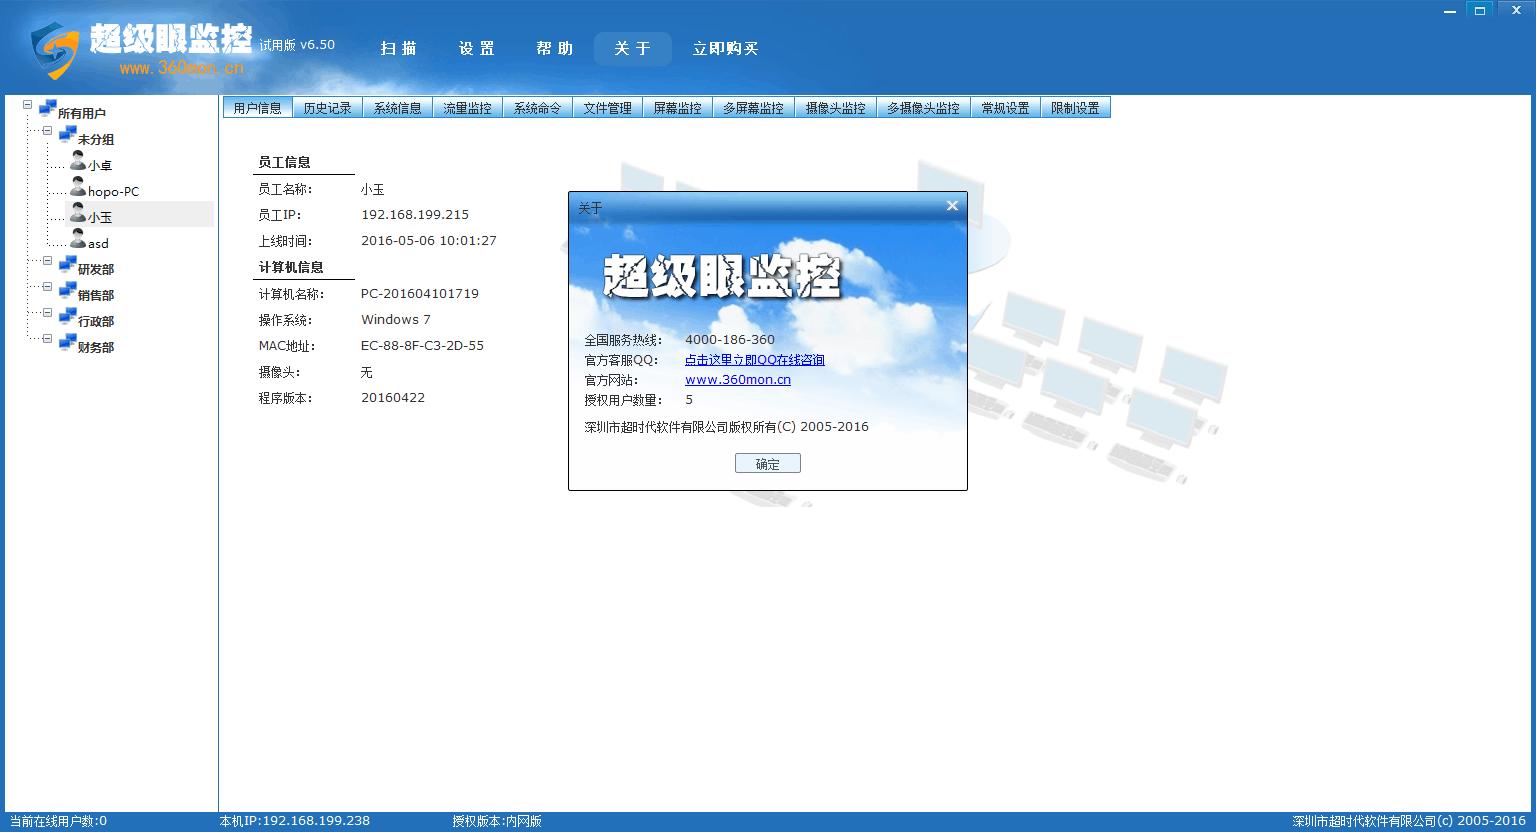 超级眼企业电脑监控系统